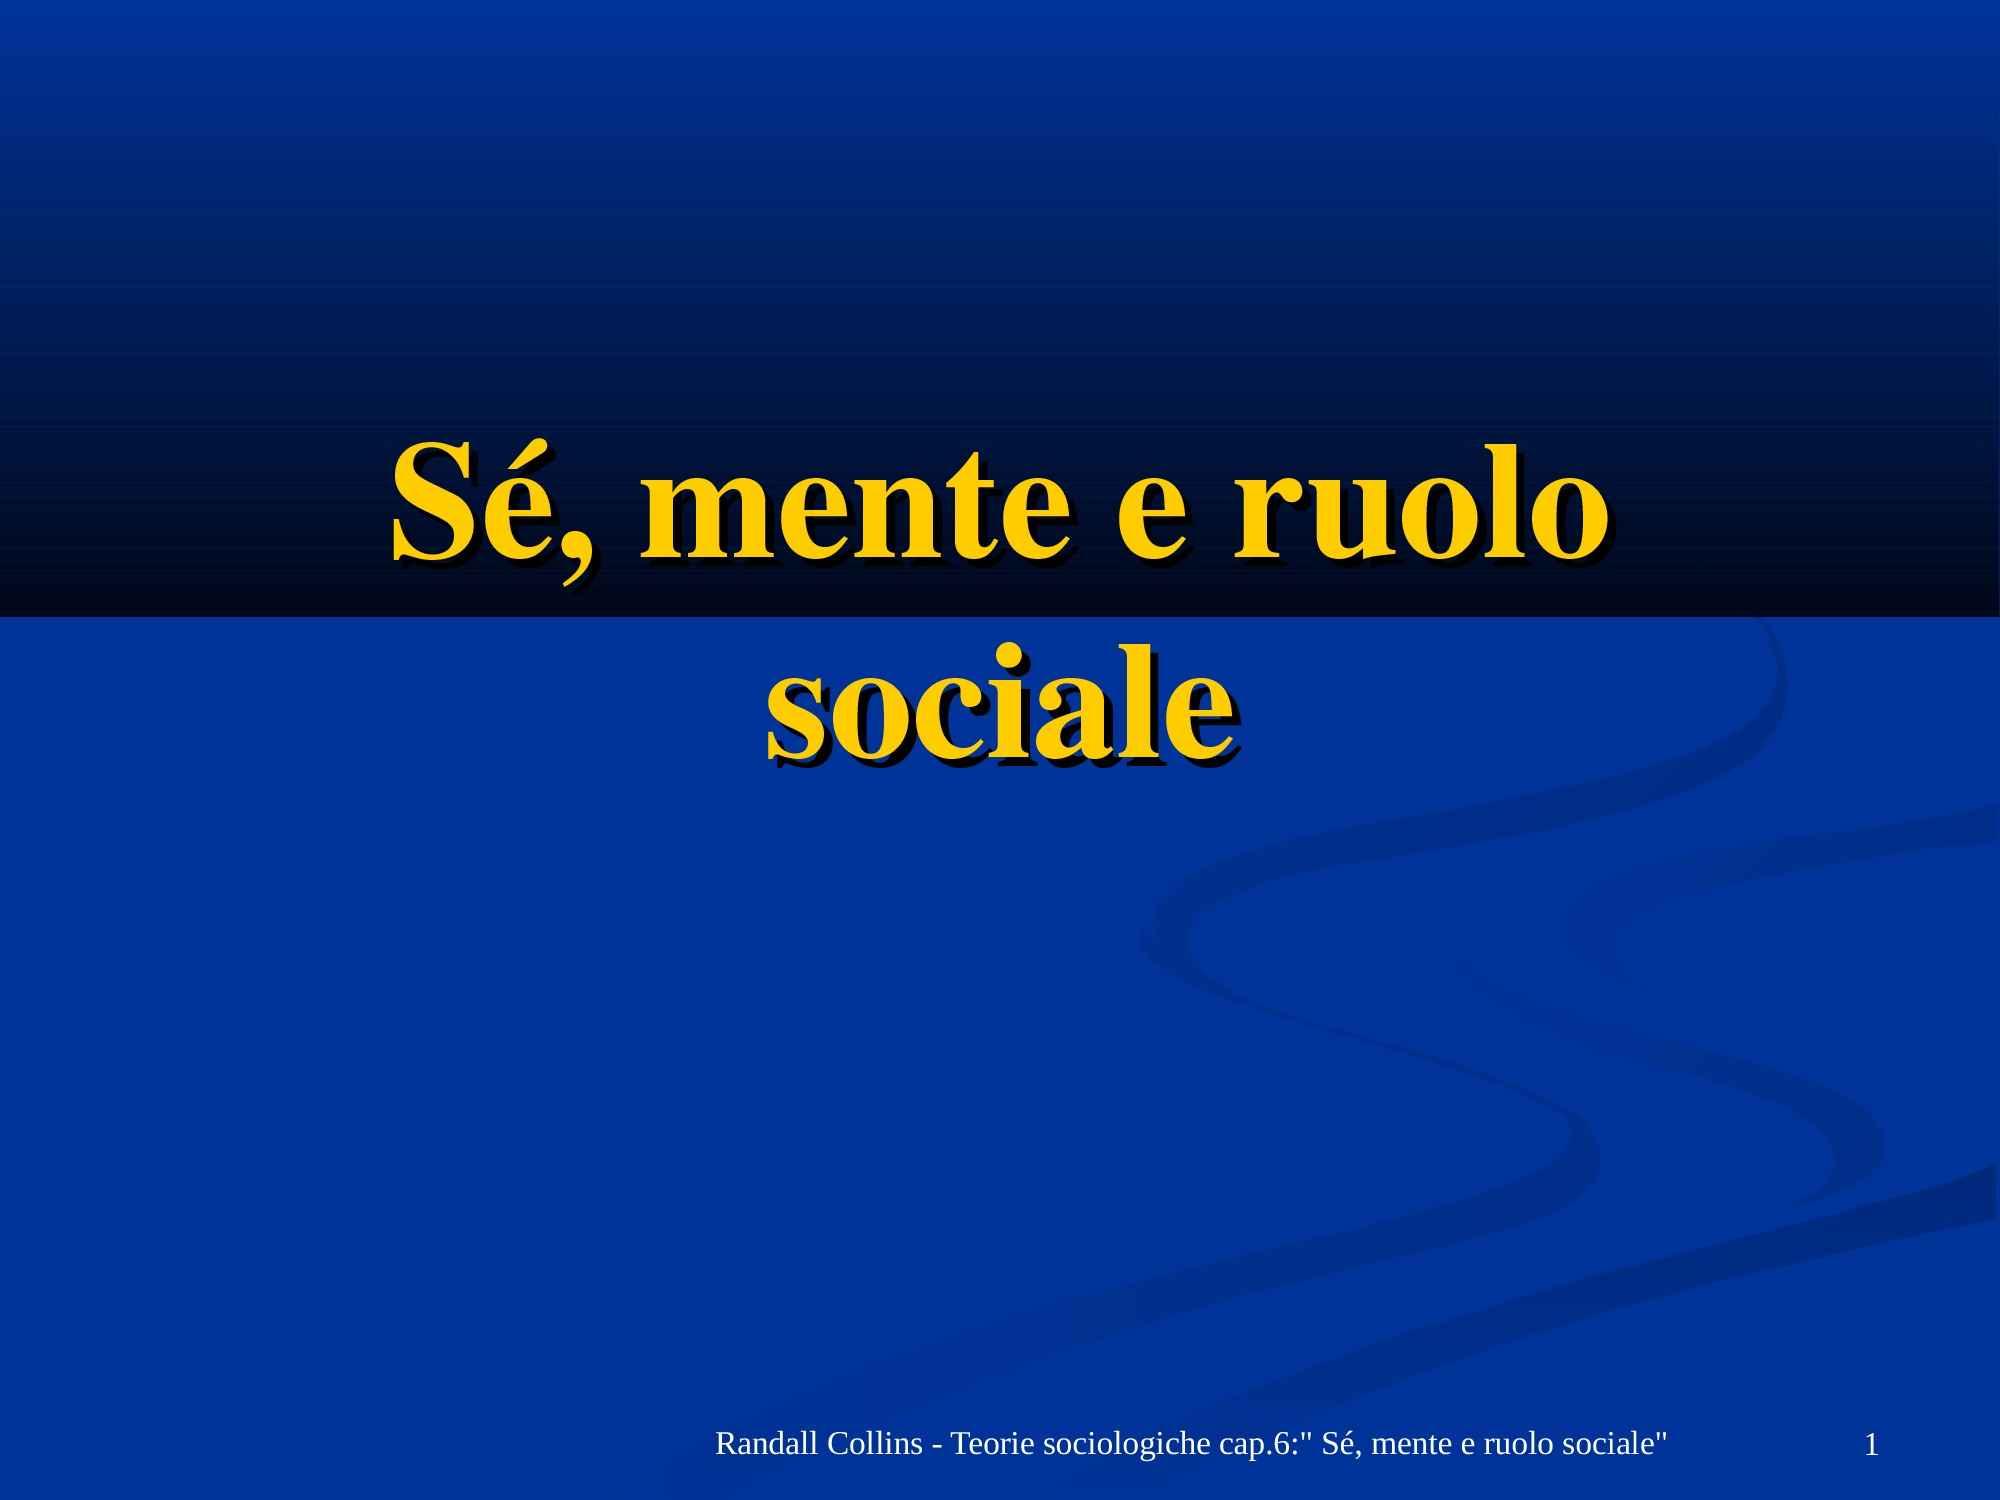 Sè, mente e ruolo sociale